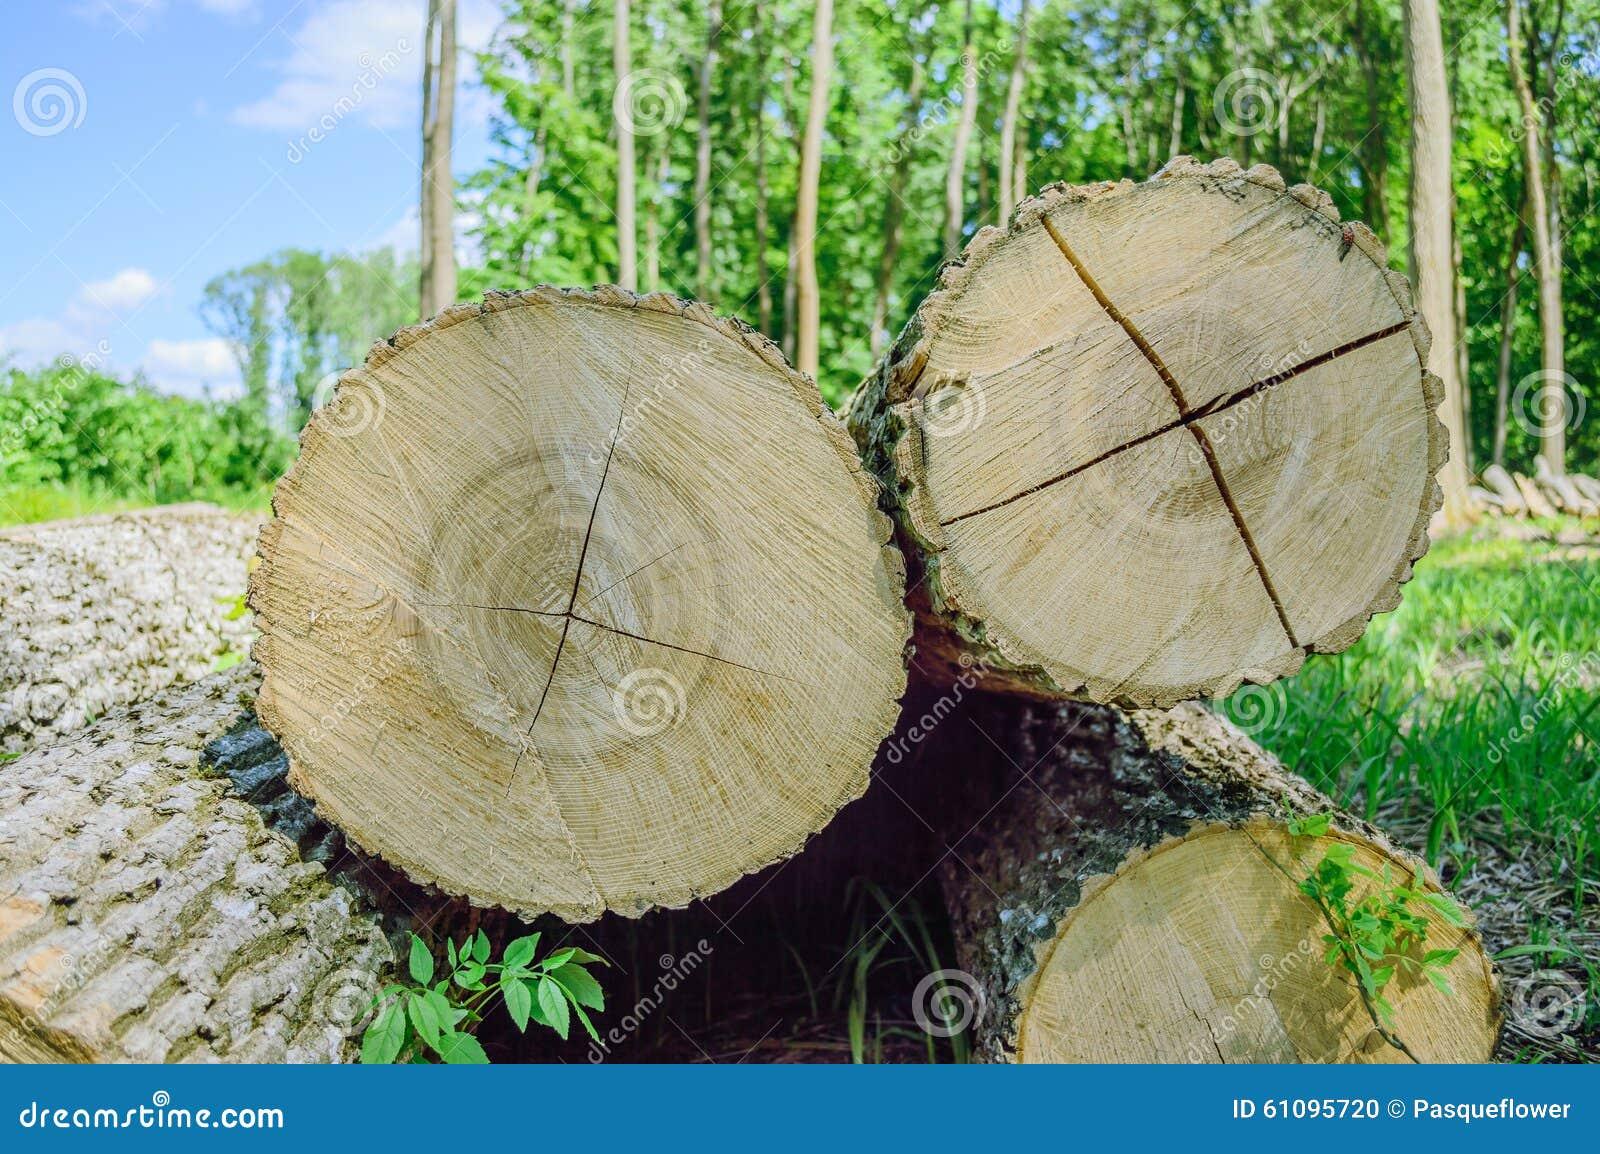 thumbs.dreamstime.com/z/bois-de-construction-abattu-sur-le-secteur-abattu-61095720